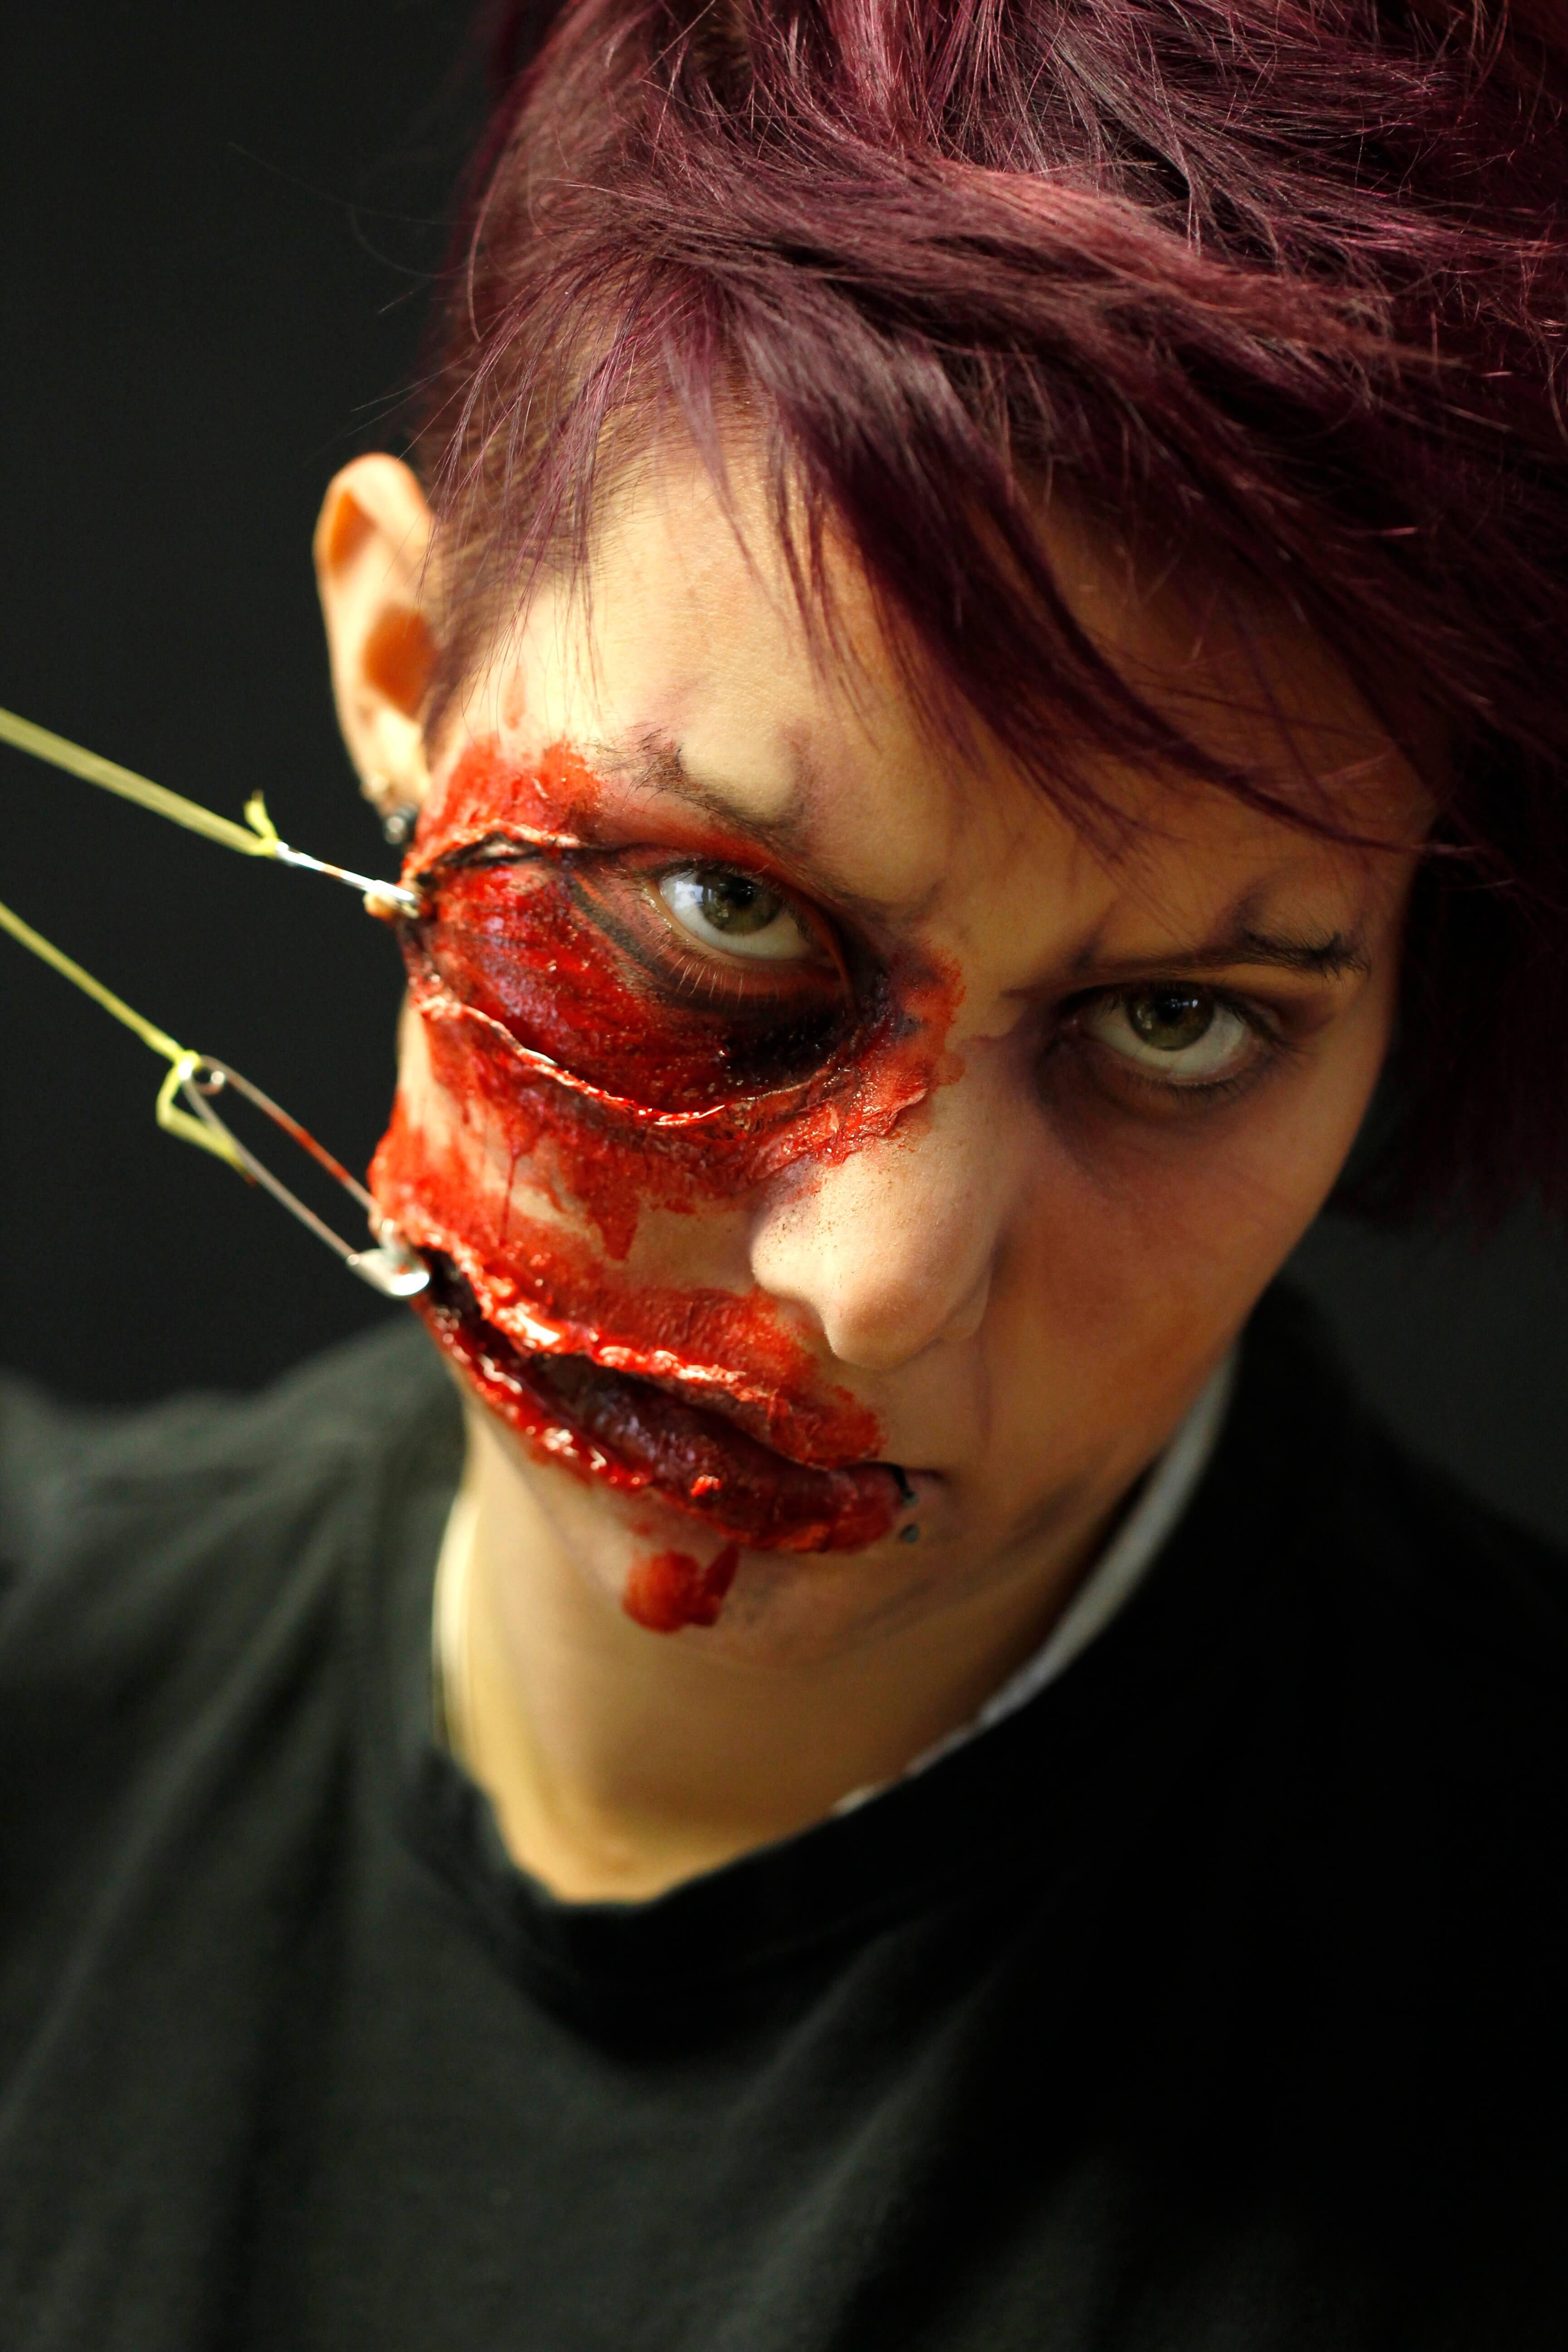 Maquillage de zombie pour Halloween avec des épingles à nourrisses qui arrachent l'oeil et la joue